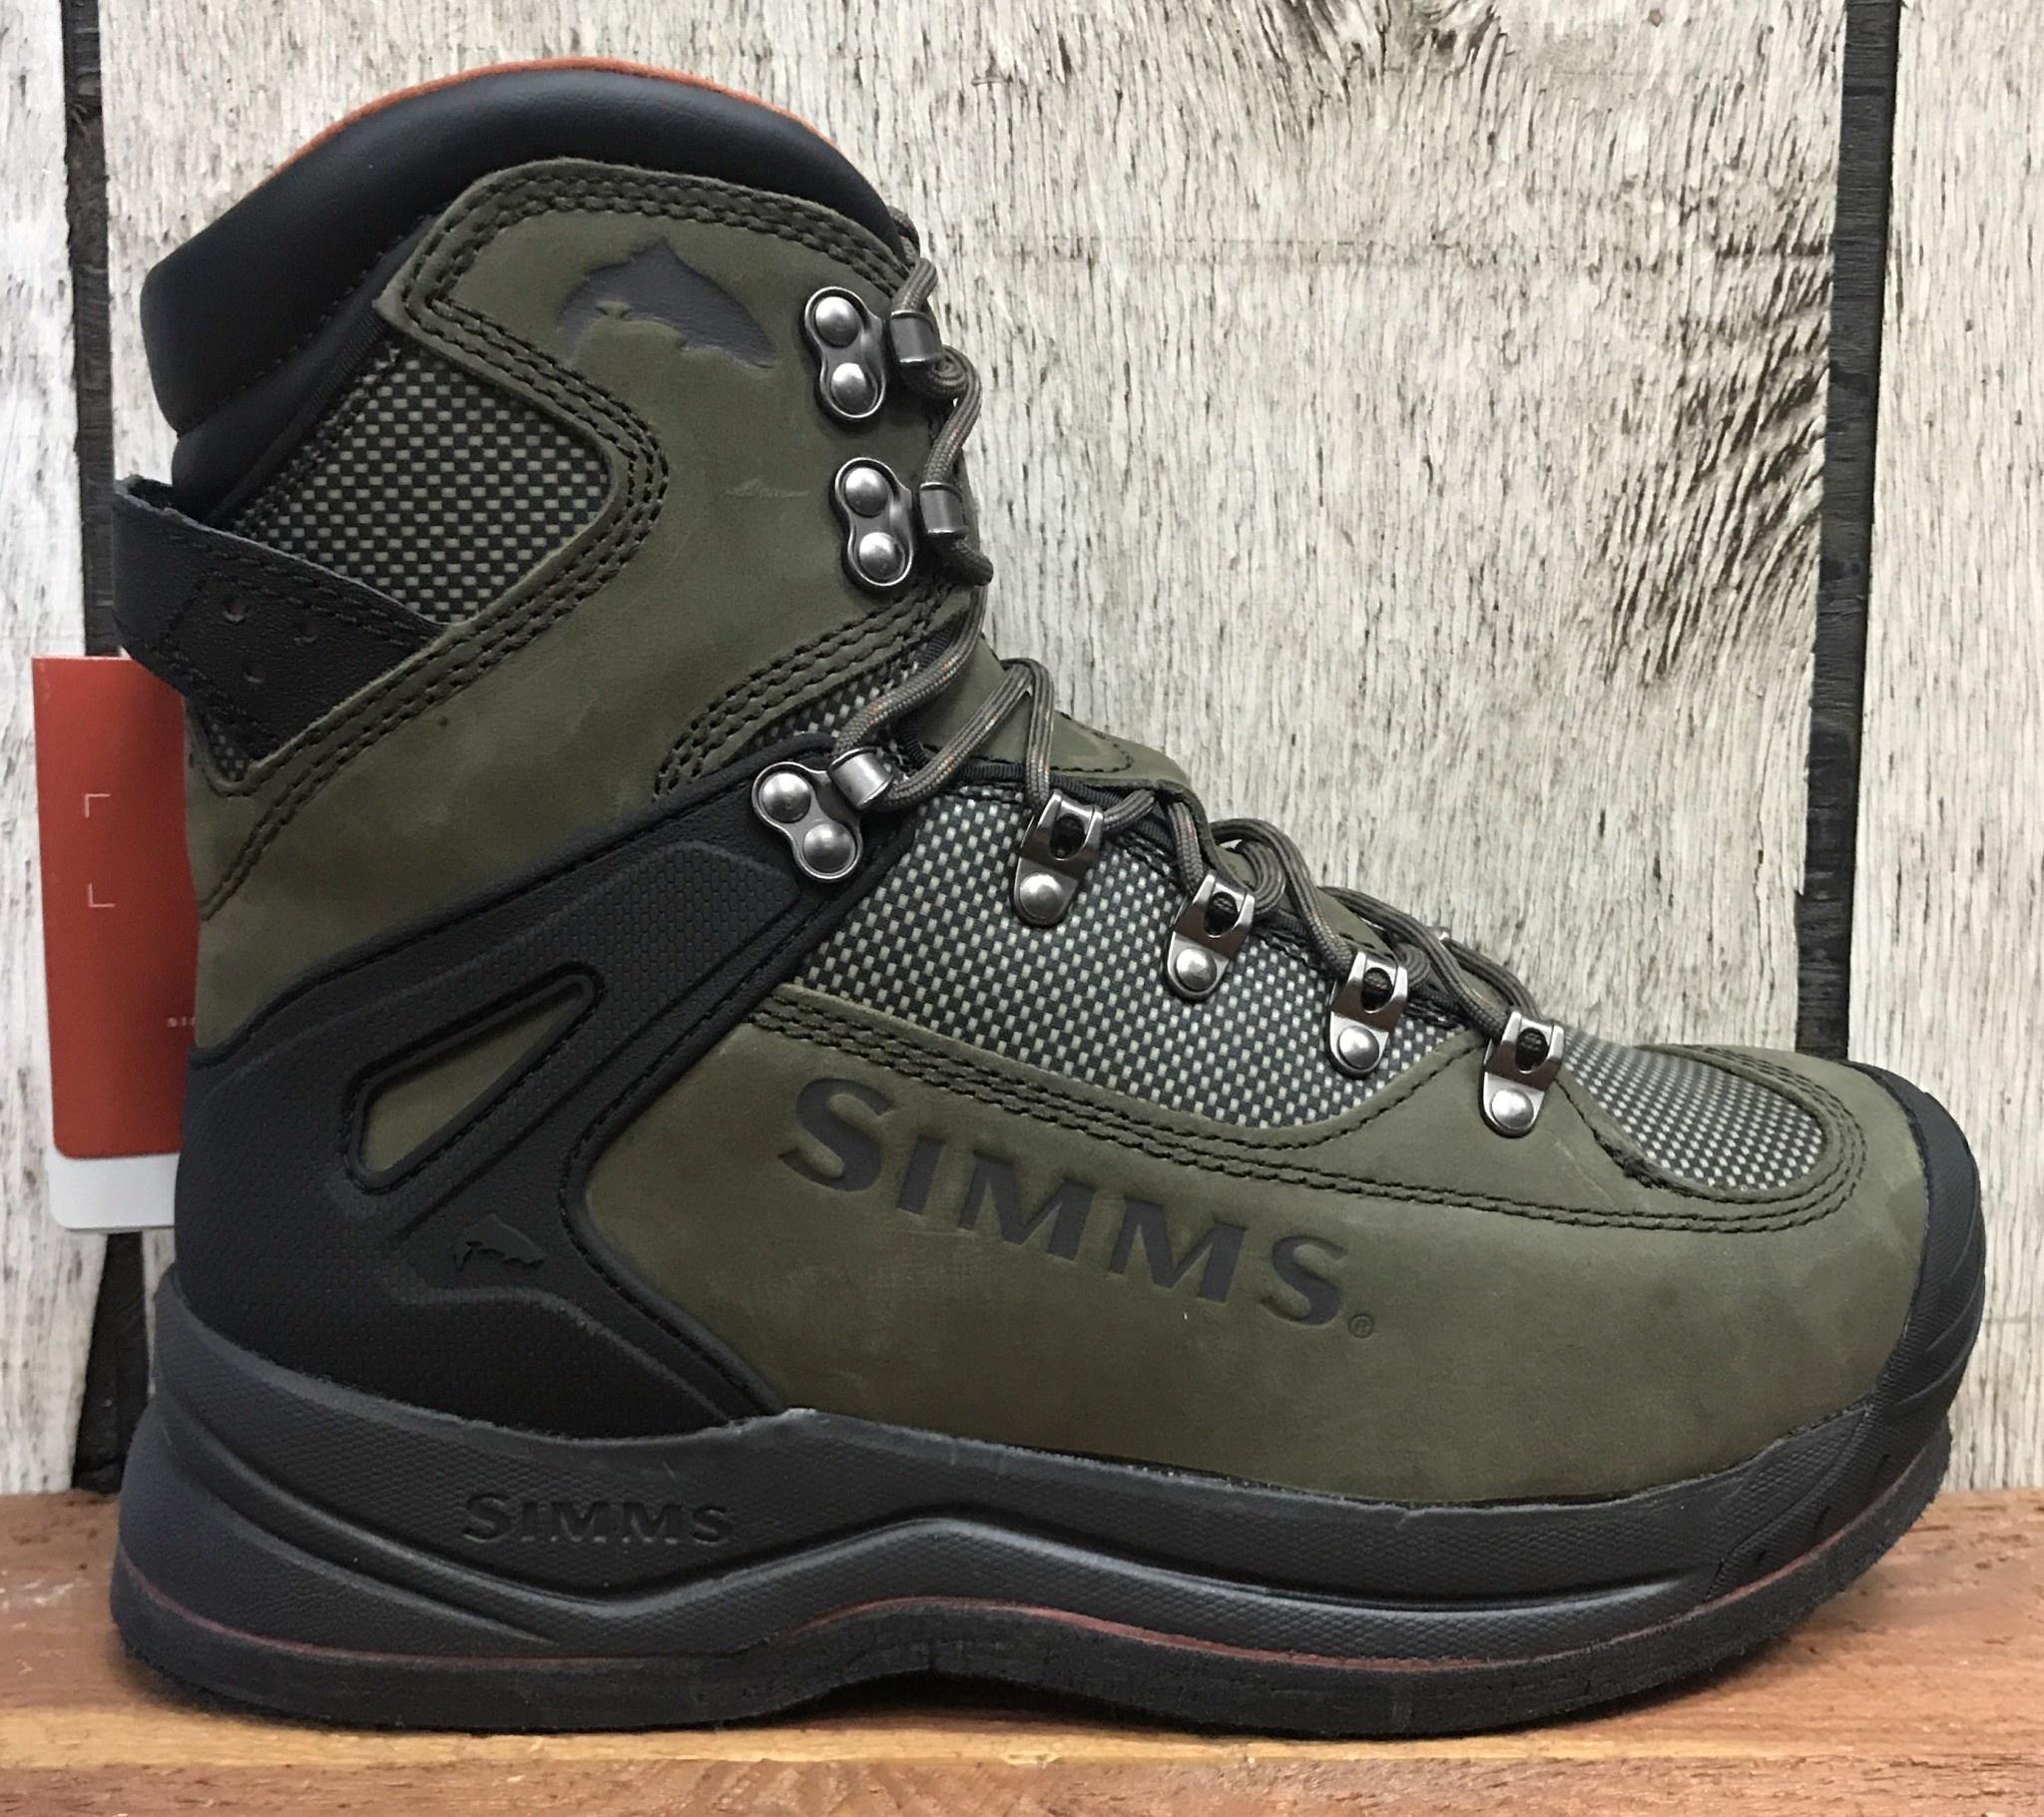 Simms G3 Guide Boot Felt Dk Elkhorn